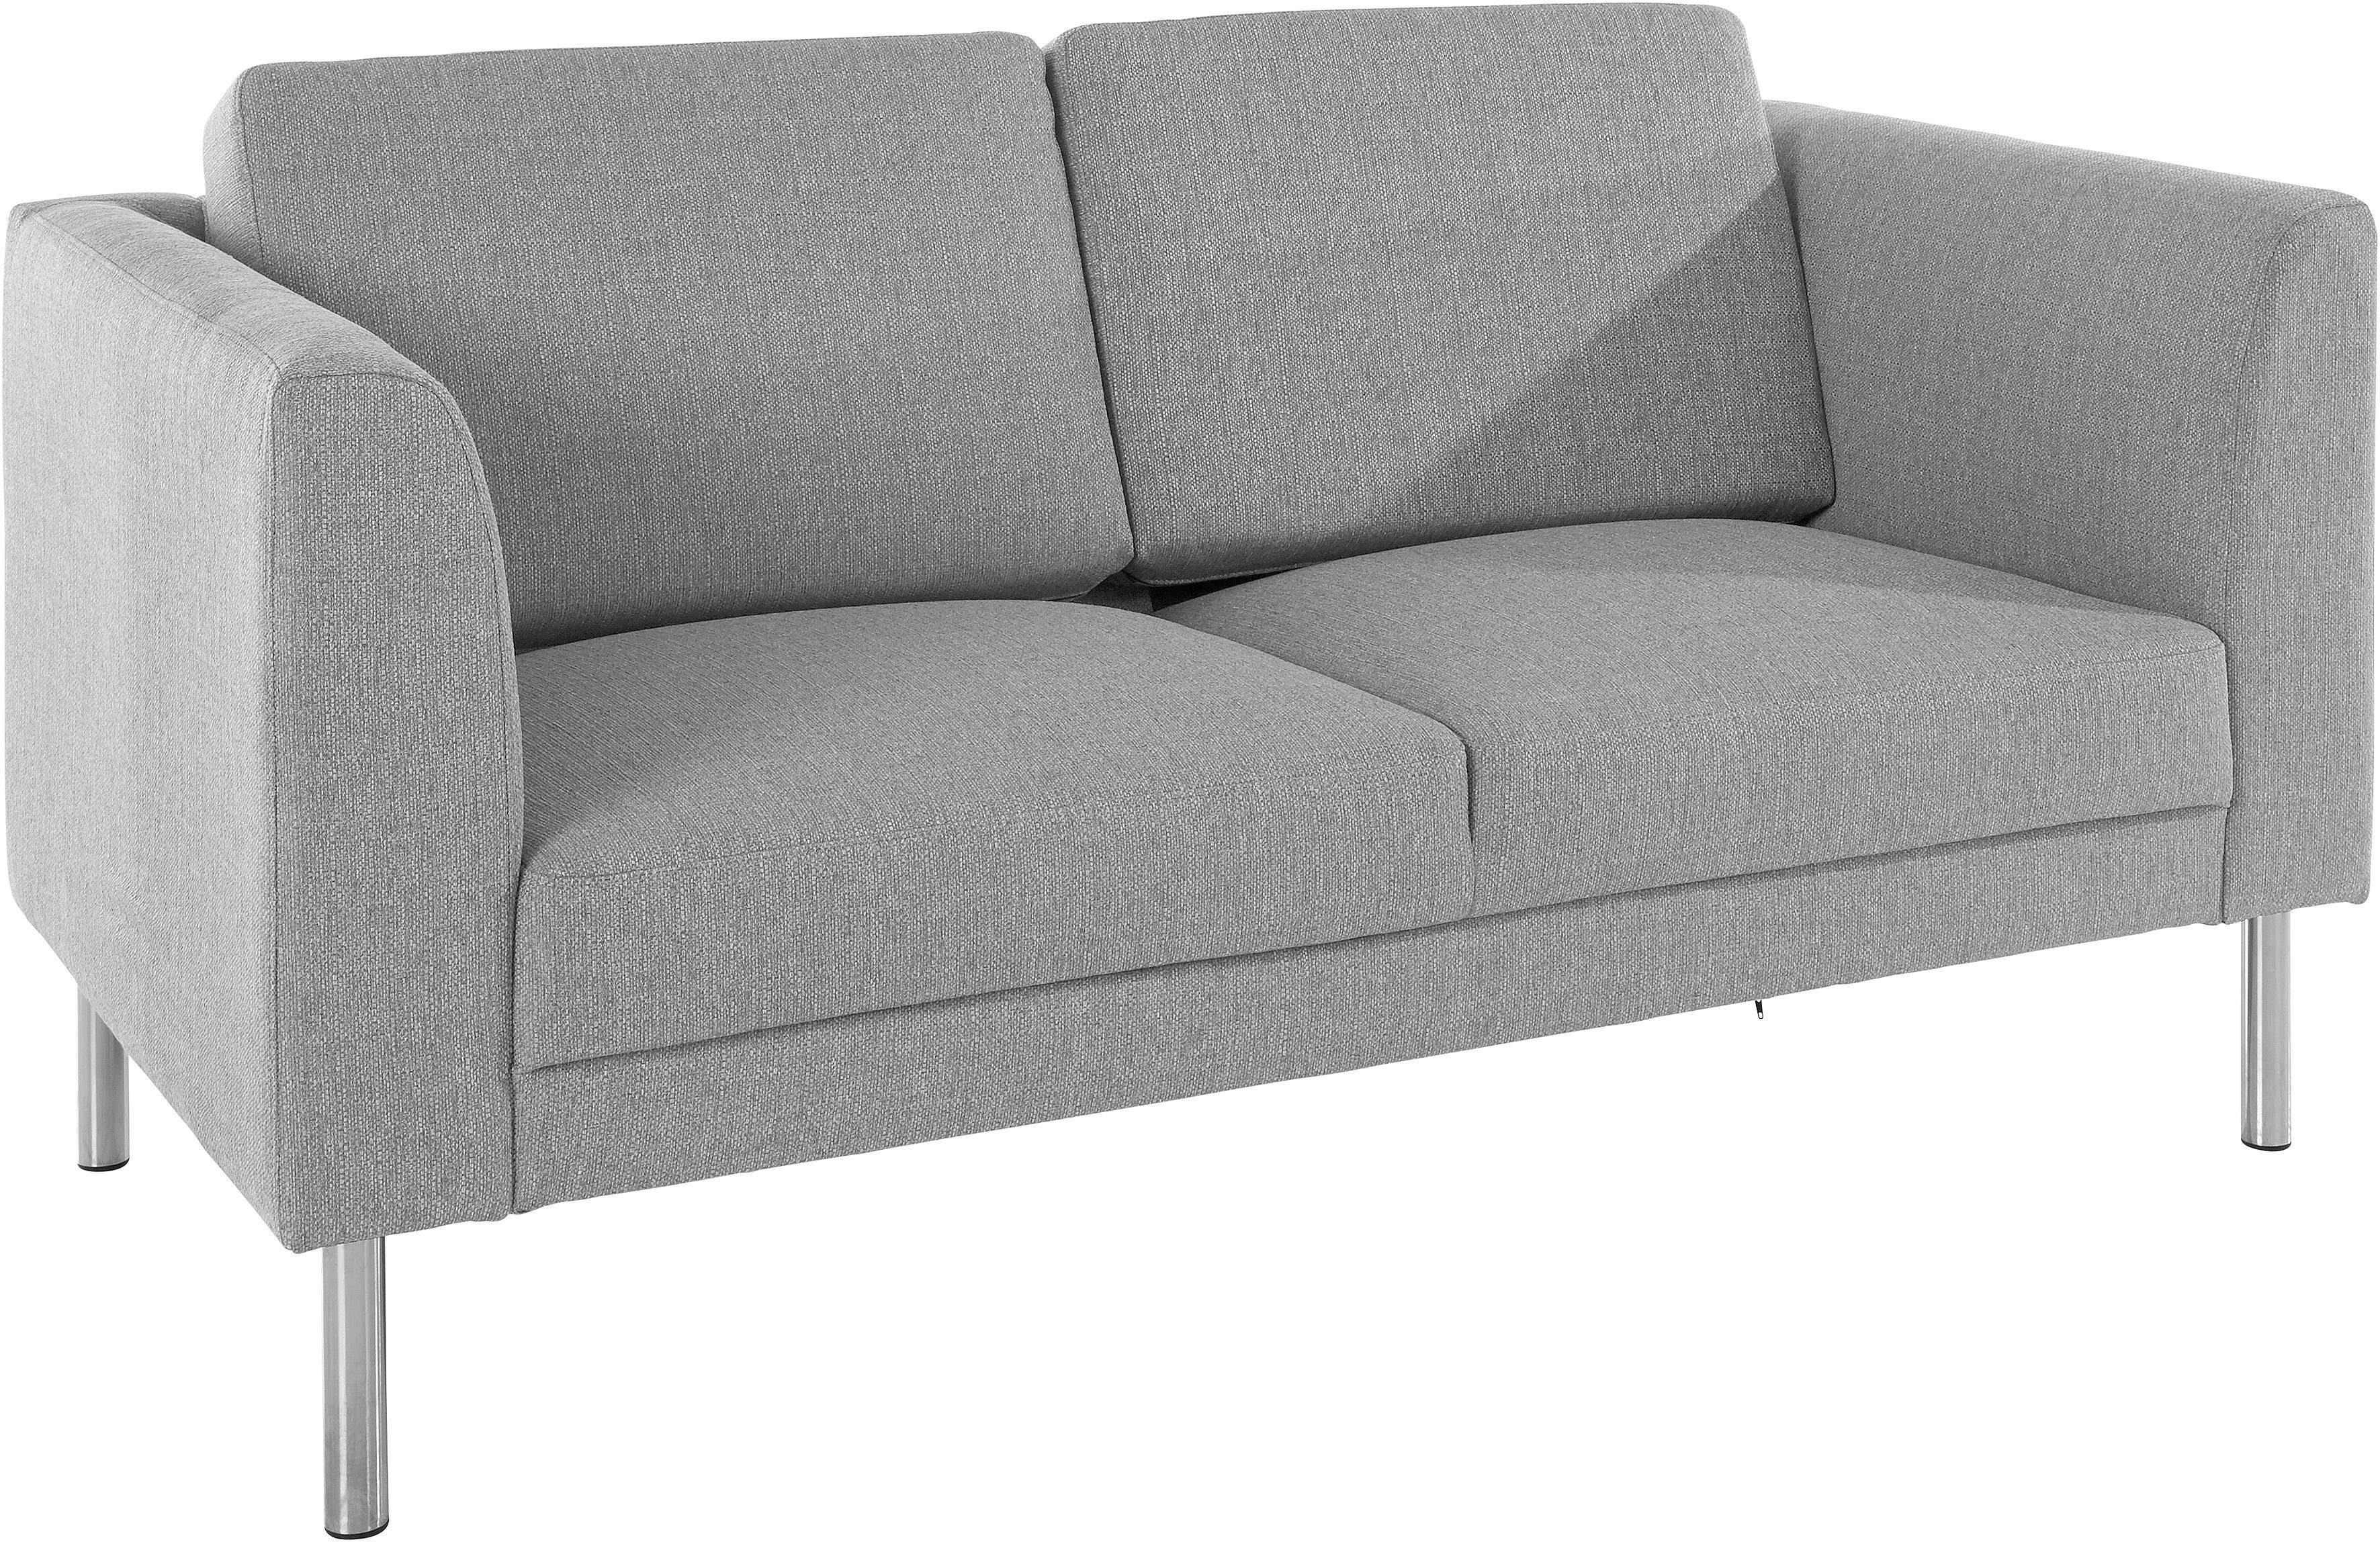 andas 2-Sitzer Sofa »Christian« aus schönem, bequemen Strukturbezug und eleganten, chromfarbenen Metallbeinen